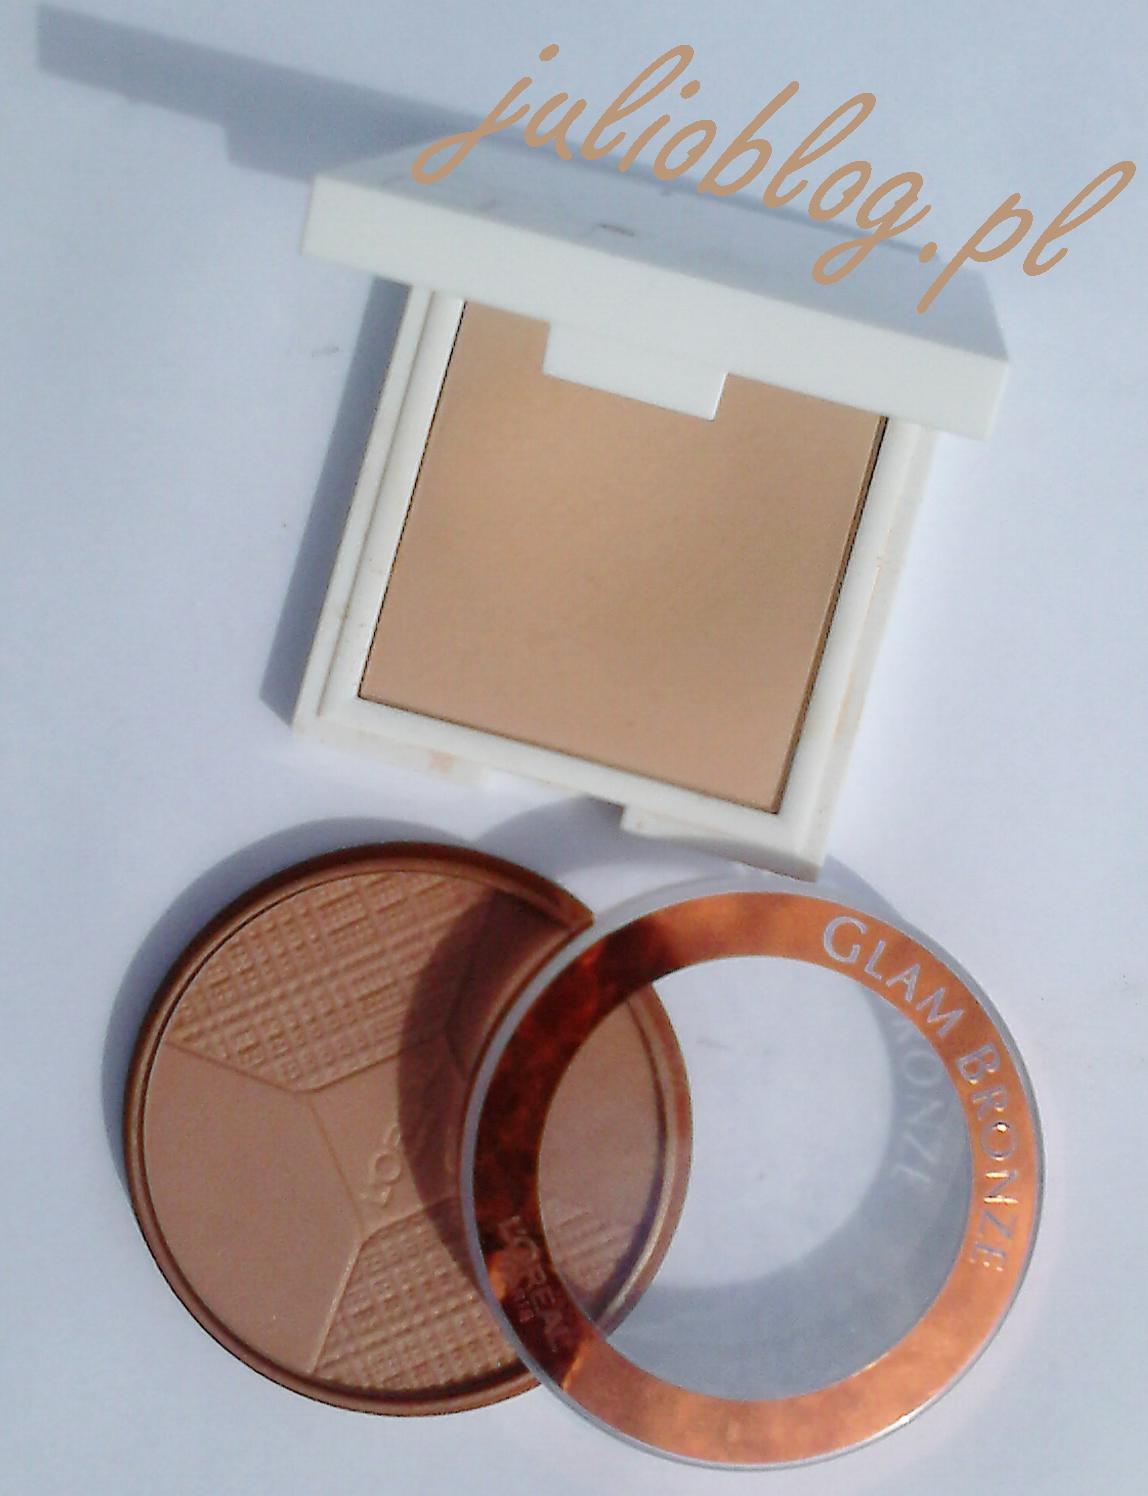 Mutliwitaminowy puder w kompakcie KORRES do skóry tłustej i mieszanej - Multivitamin Compact Powder For Oily to Combination Skin w odcieniu 52N oraz Puder brązujący GLAM BRONZE 5 TERRES. Puder brązujący Glam Bronze Les 5 Terres L`Oreal Paris. Odkryj 4 idealnie skomponowane odcienie dla każdej karnacji i złoty środek, który pozwala wymodelować rysy twarzy. Ultra gładka tekstura dla efektu drugiej skóry i łatwej aplikacji. Czyste pigmenty ochry dla naturalnego rozświetlenia cery.